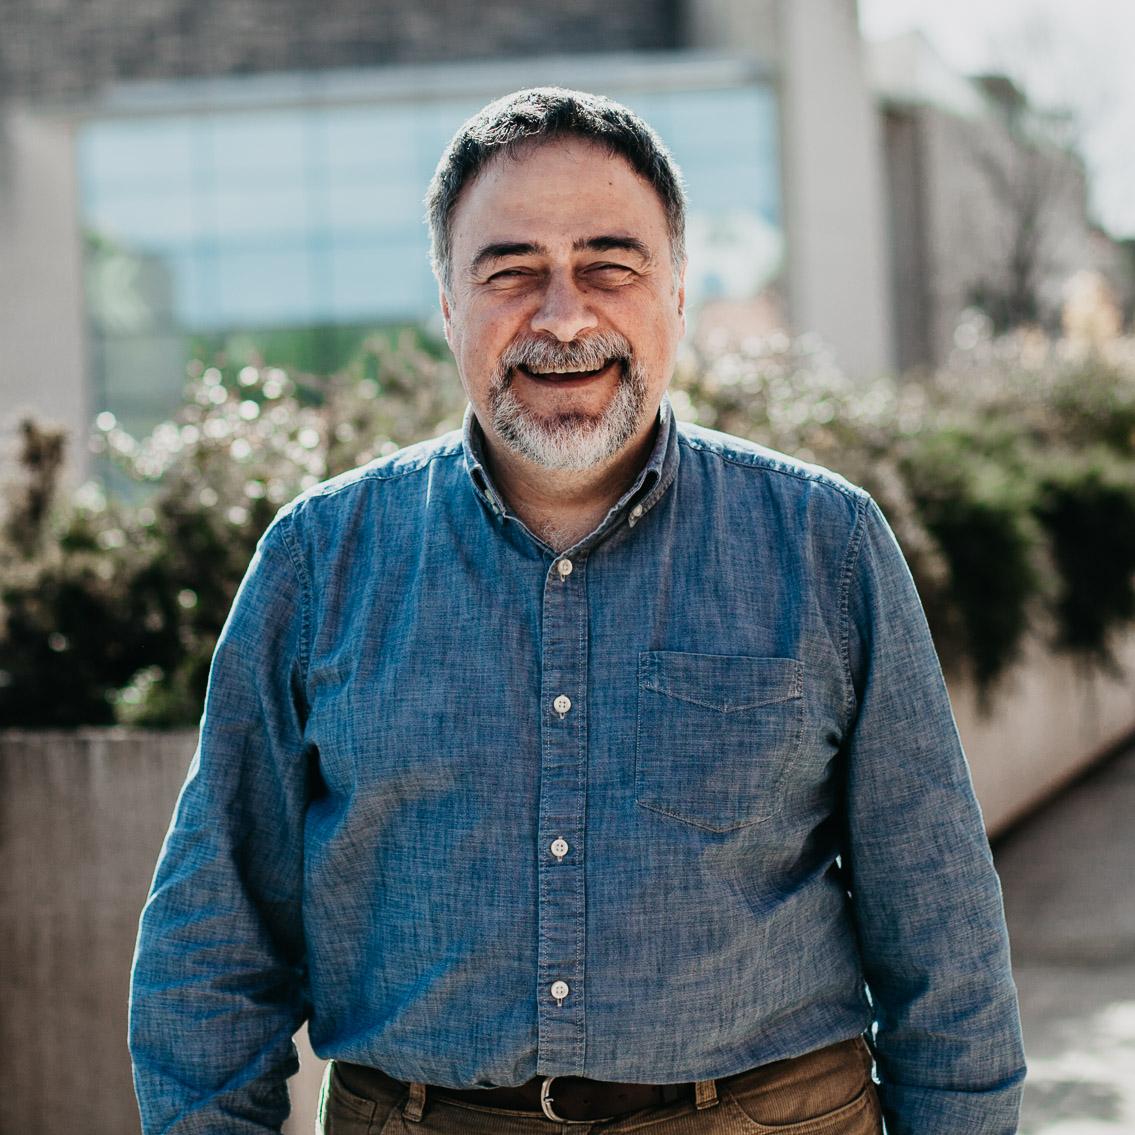 Josep Lluís Larriba Pey